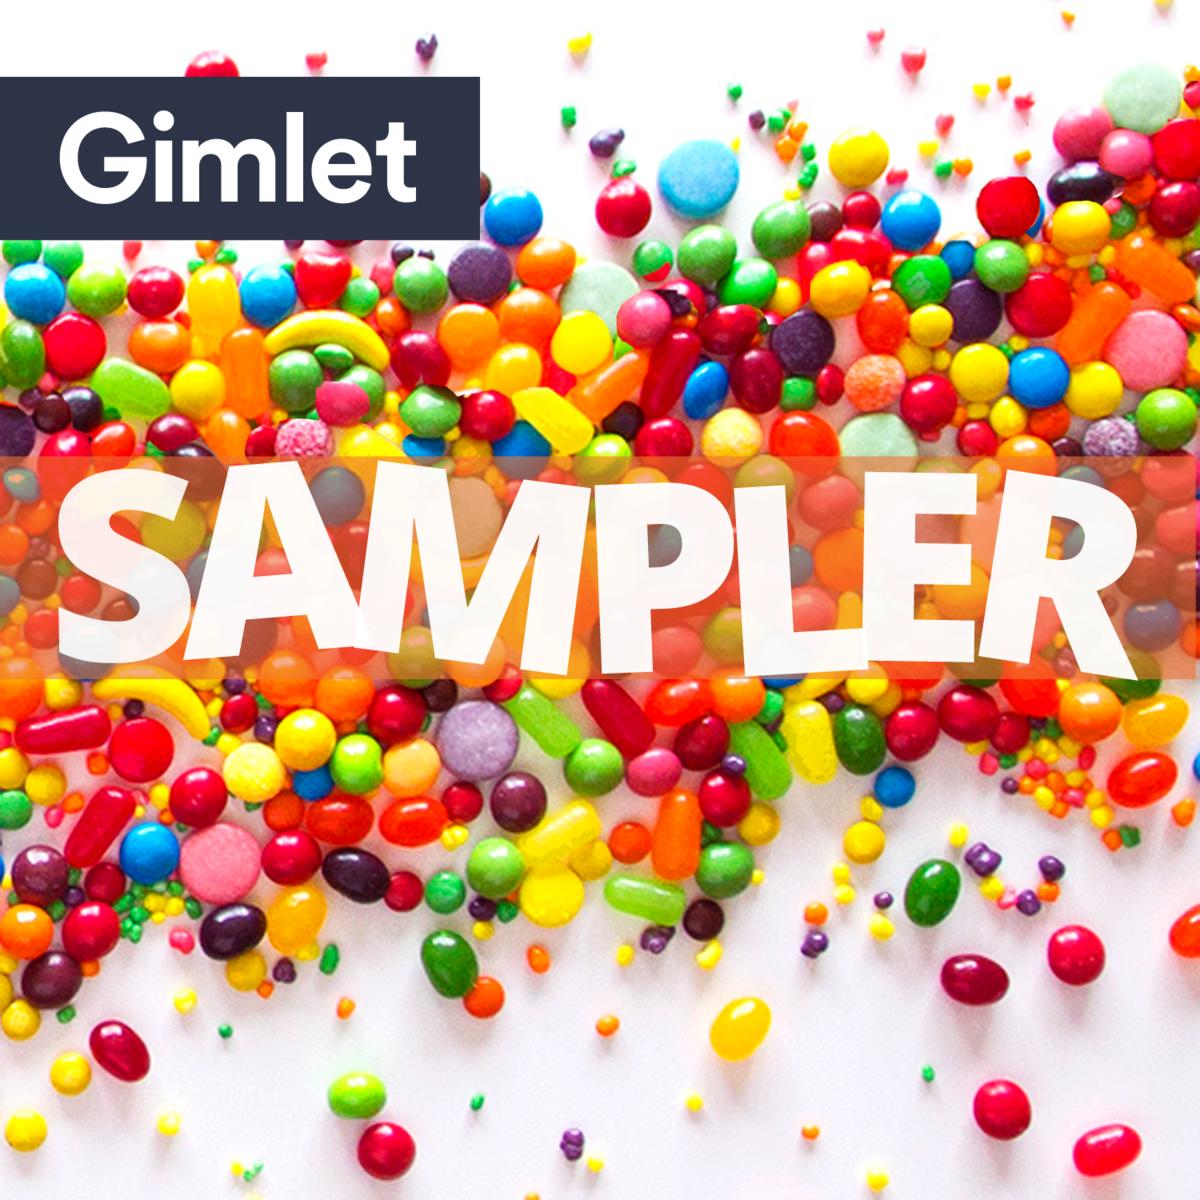 Show artwork for Sampler